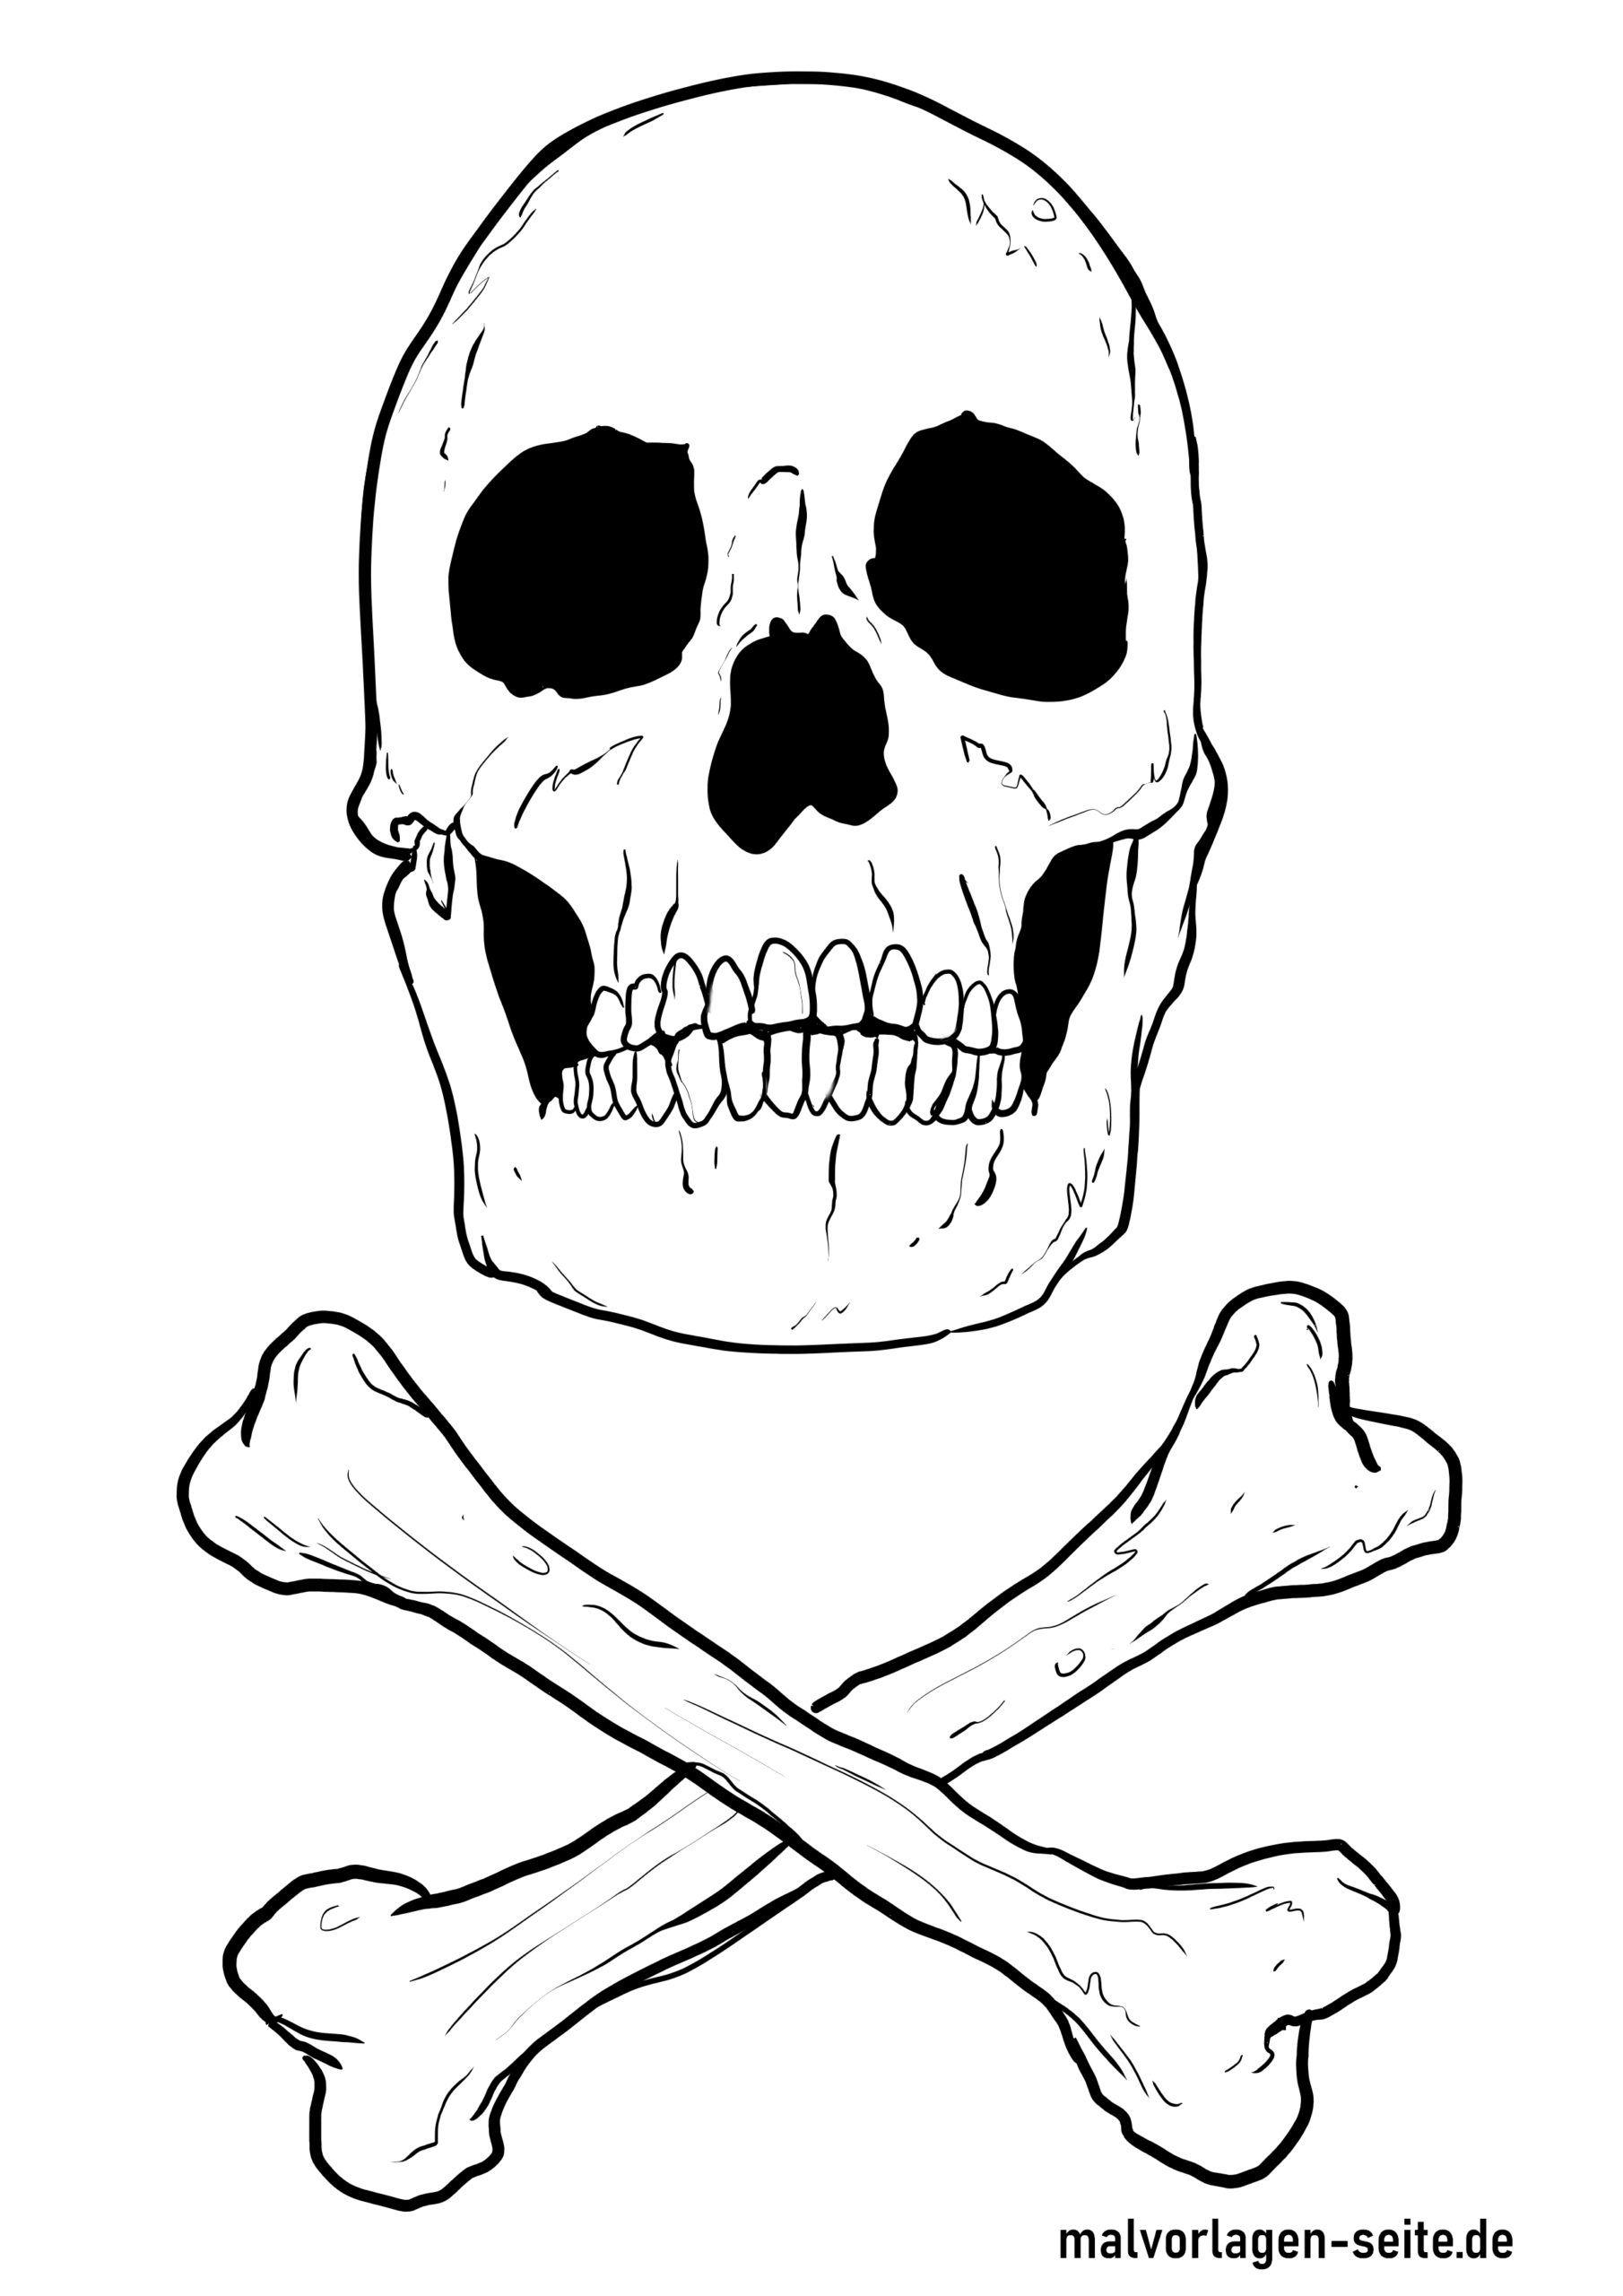 Malvorlage Totenkopf - Ausmalbilder Kostenlos Herunterladen in Totenkopf Bilder Zum Ausmalen